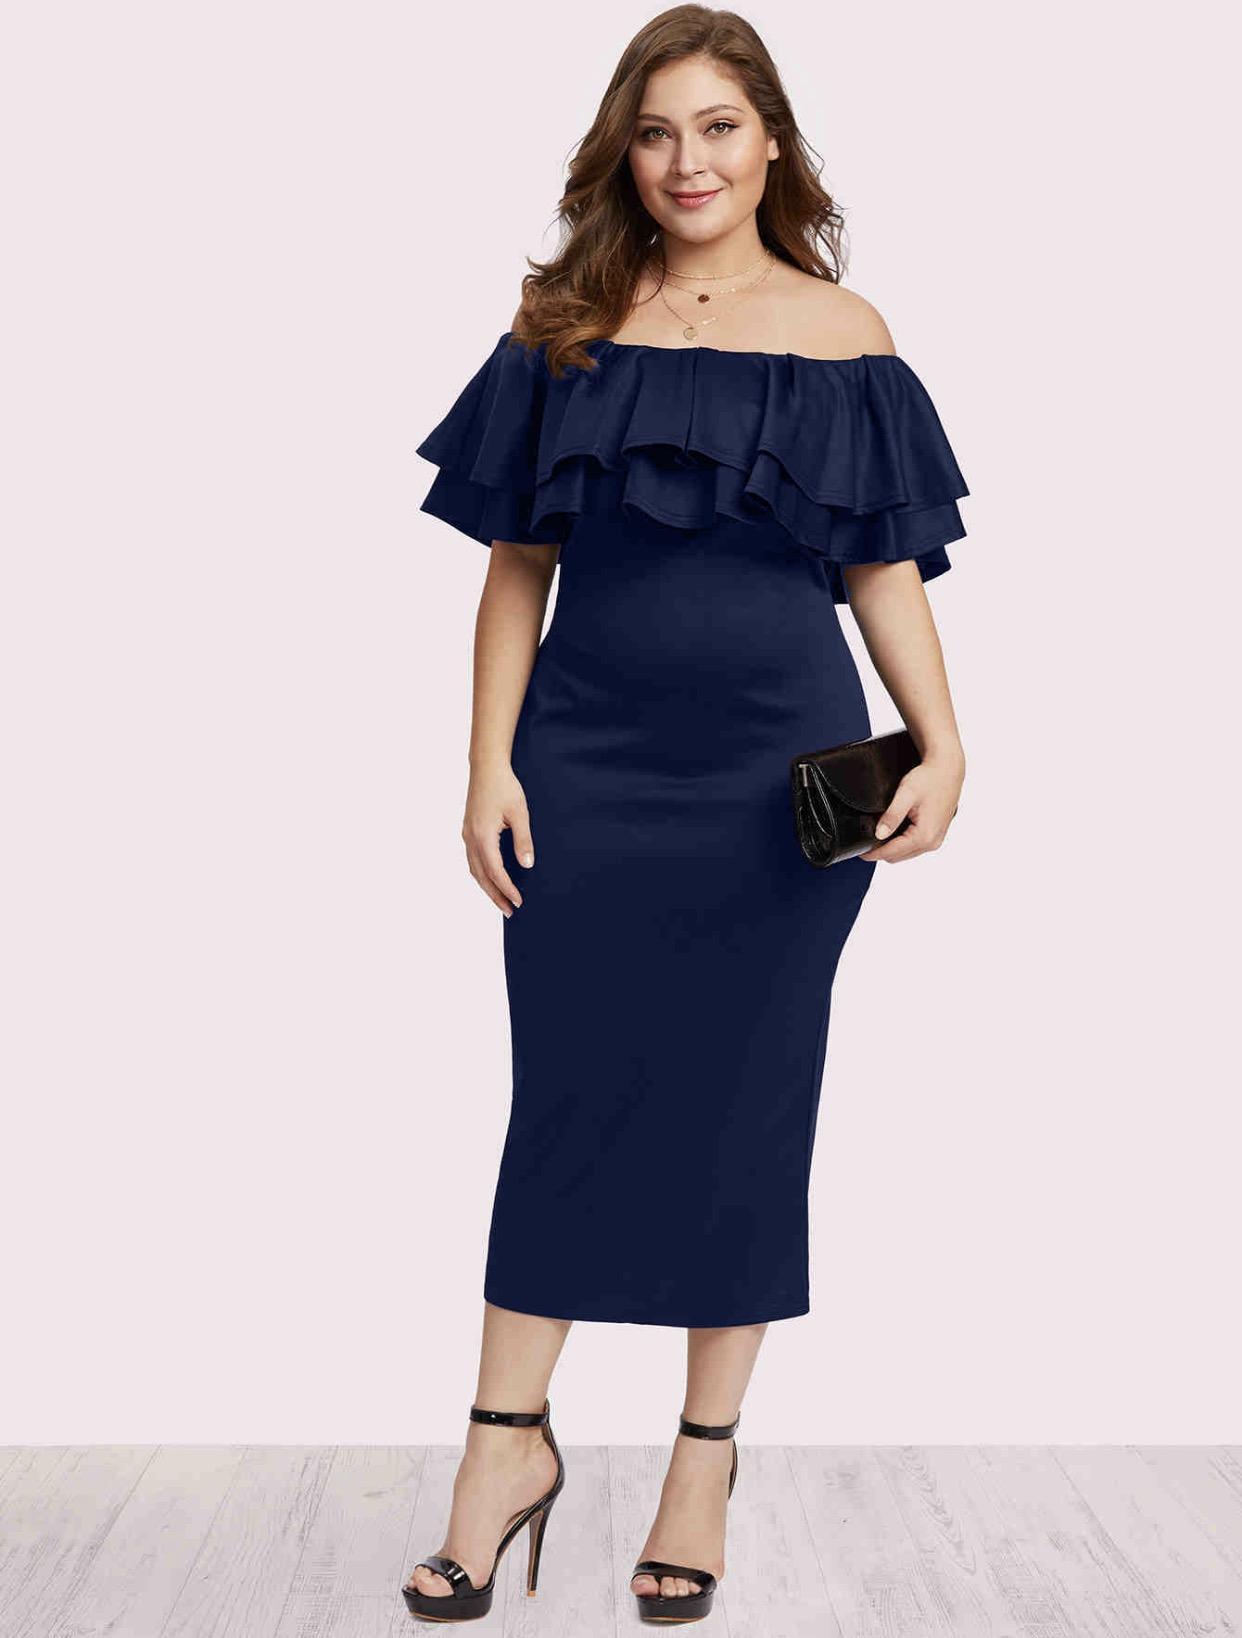 8916f3f75a21 Plus Size Dresses for sale - Plus Size Maxi Dress Online Deals ...